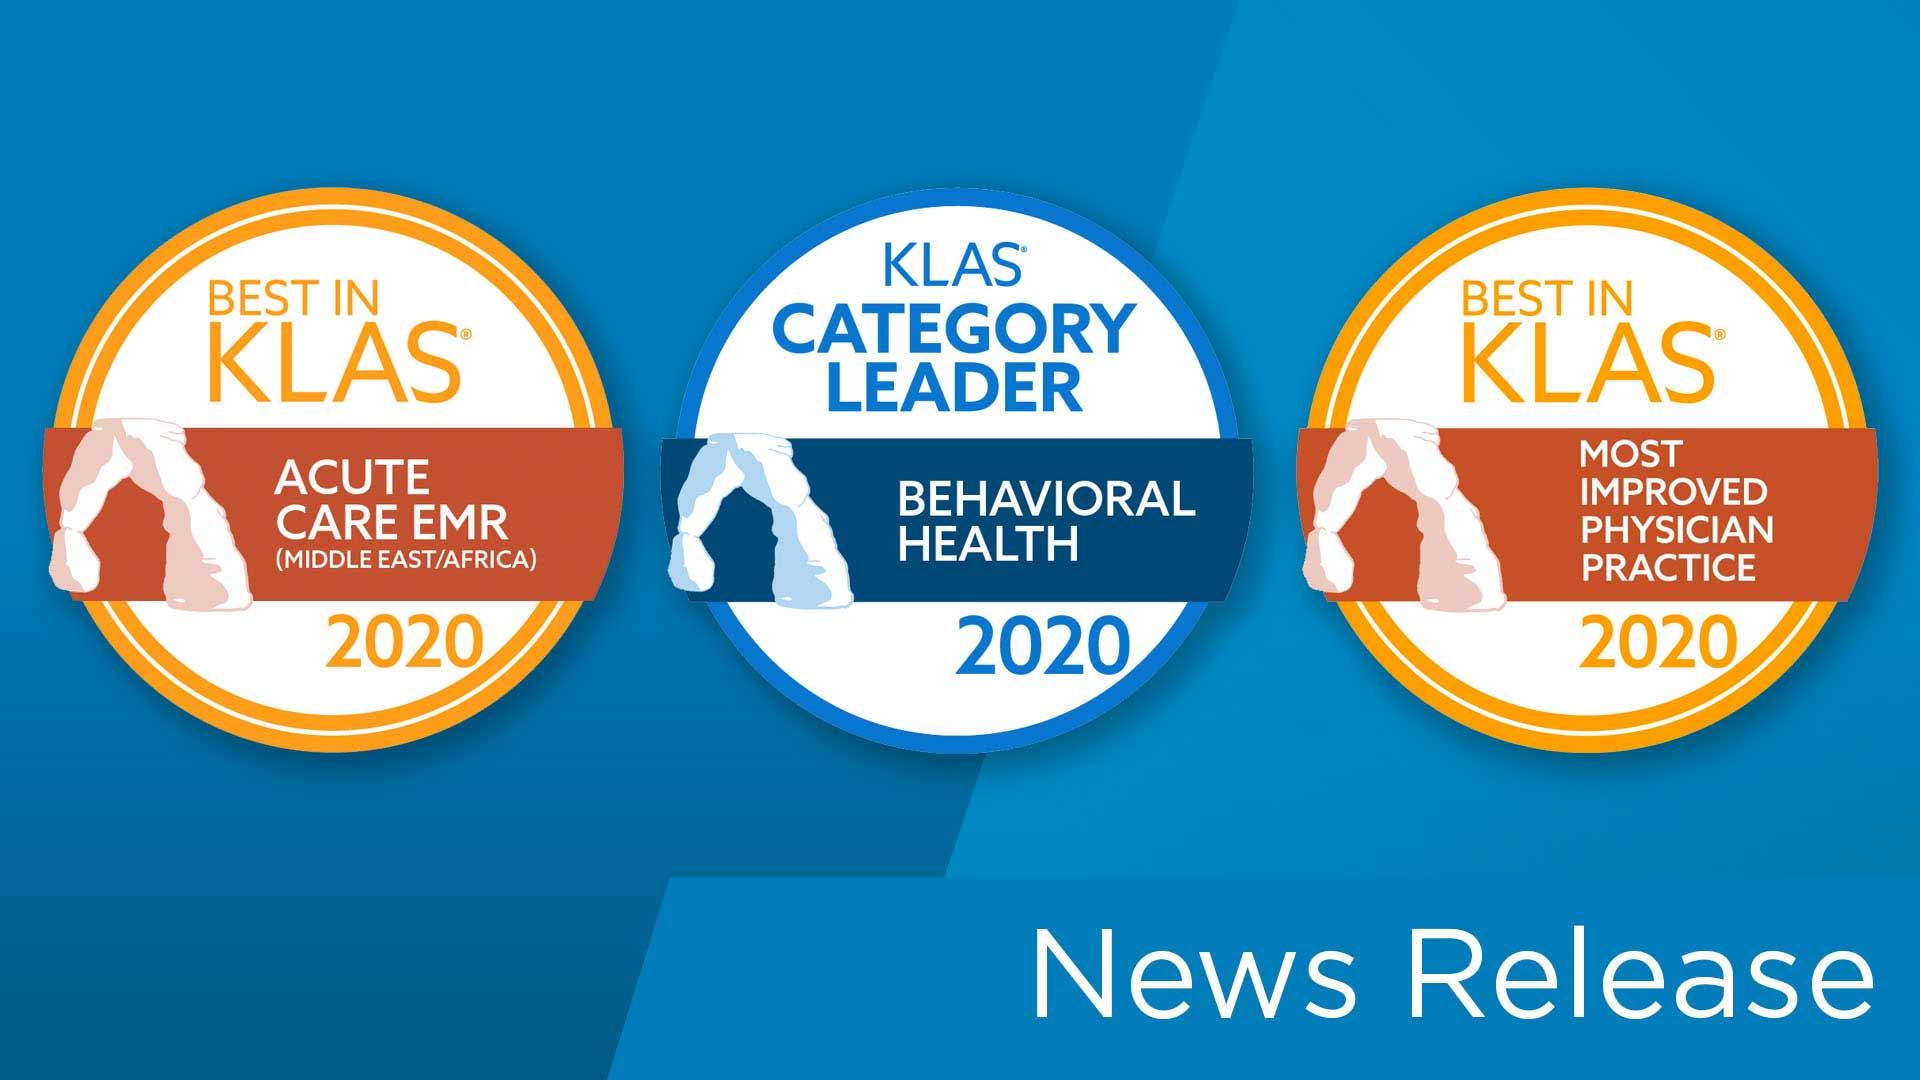 Best in KLAS news release image